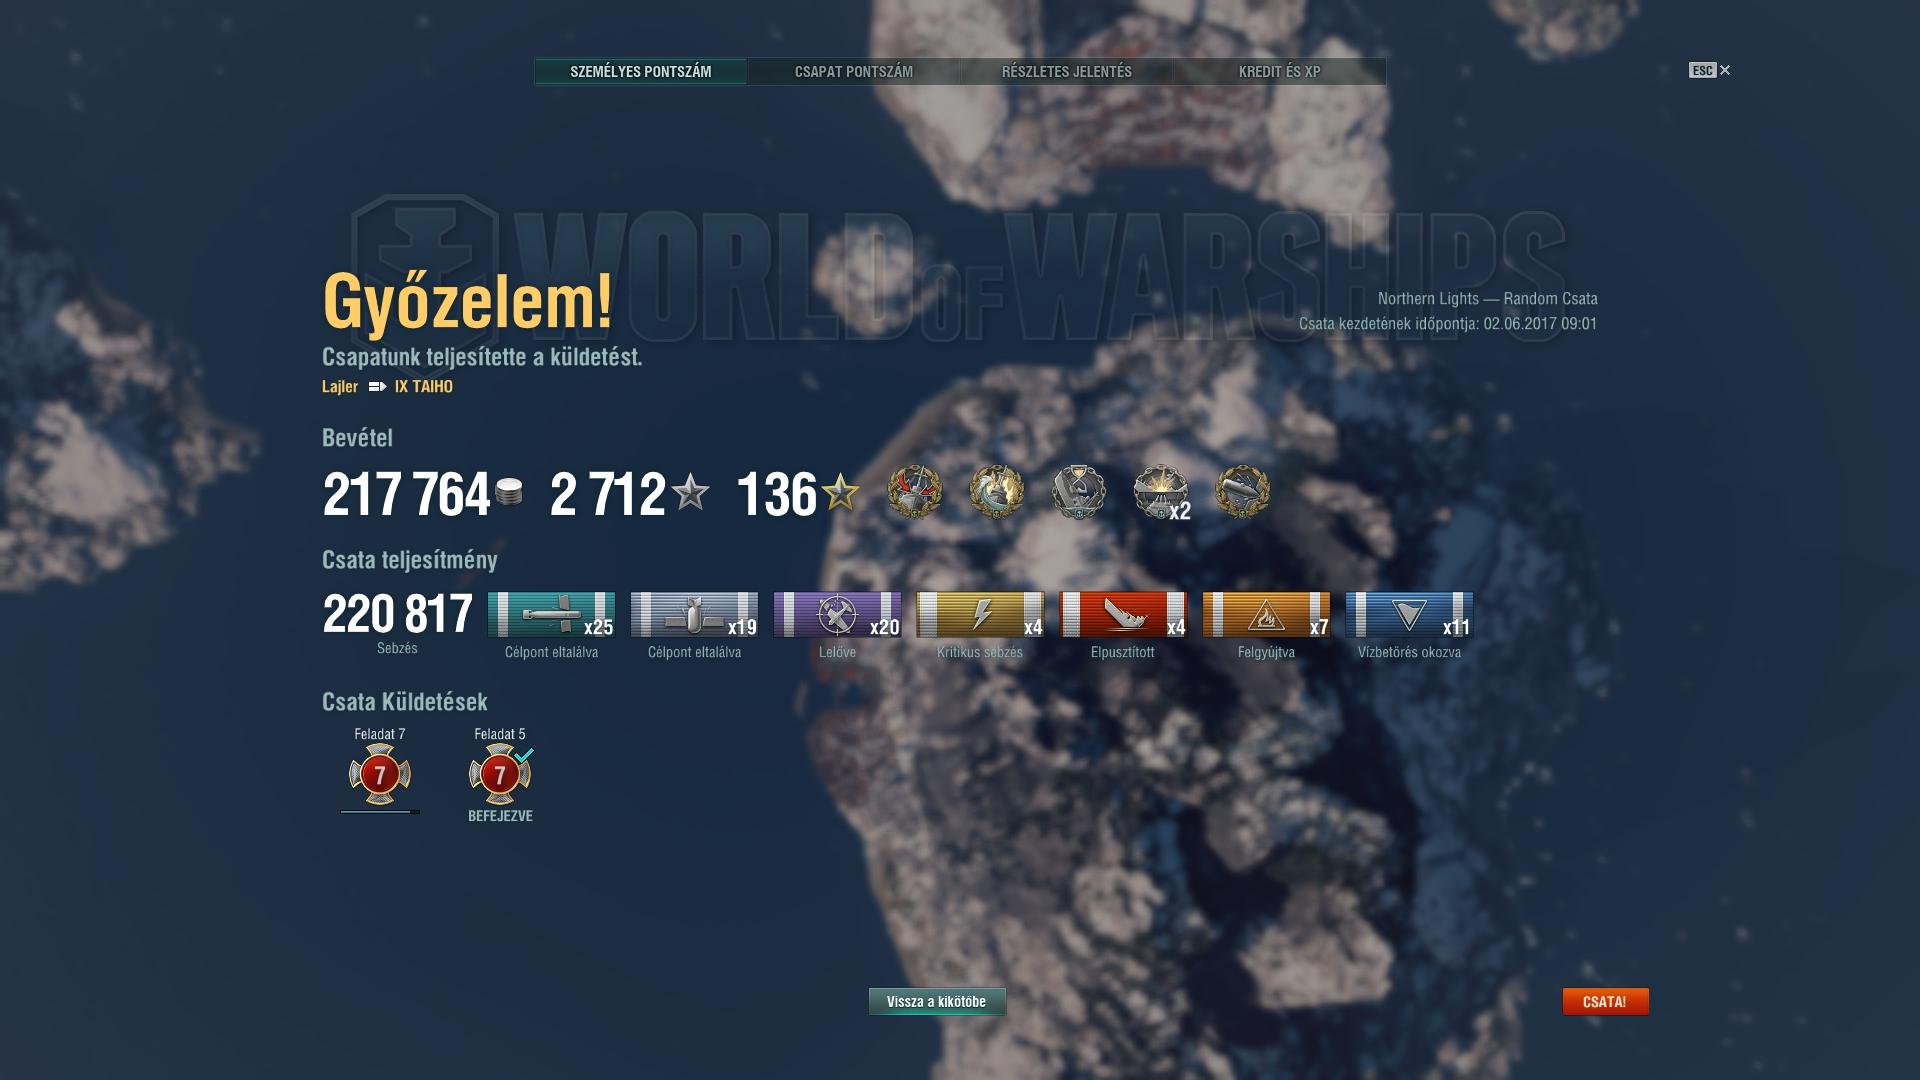 shot-17.06.02_09.21.04-0197.jpg